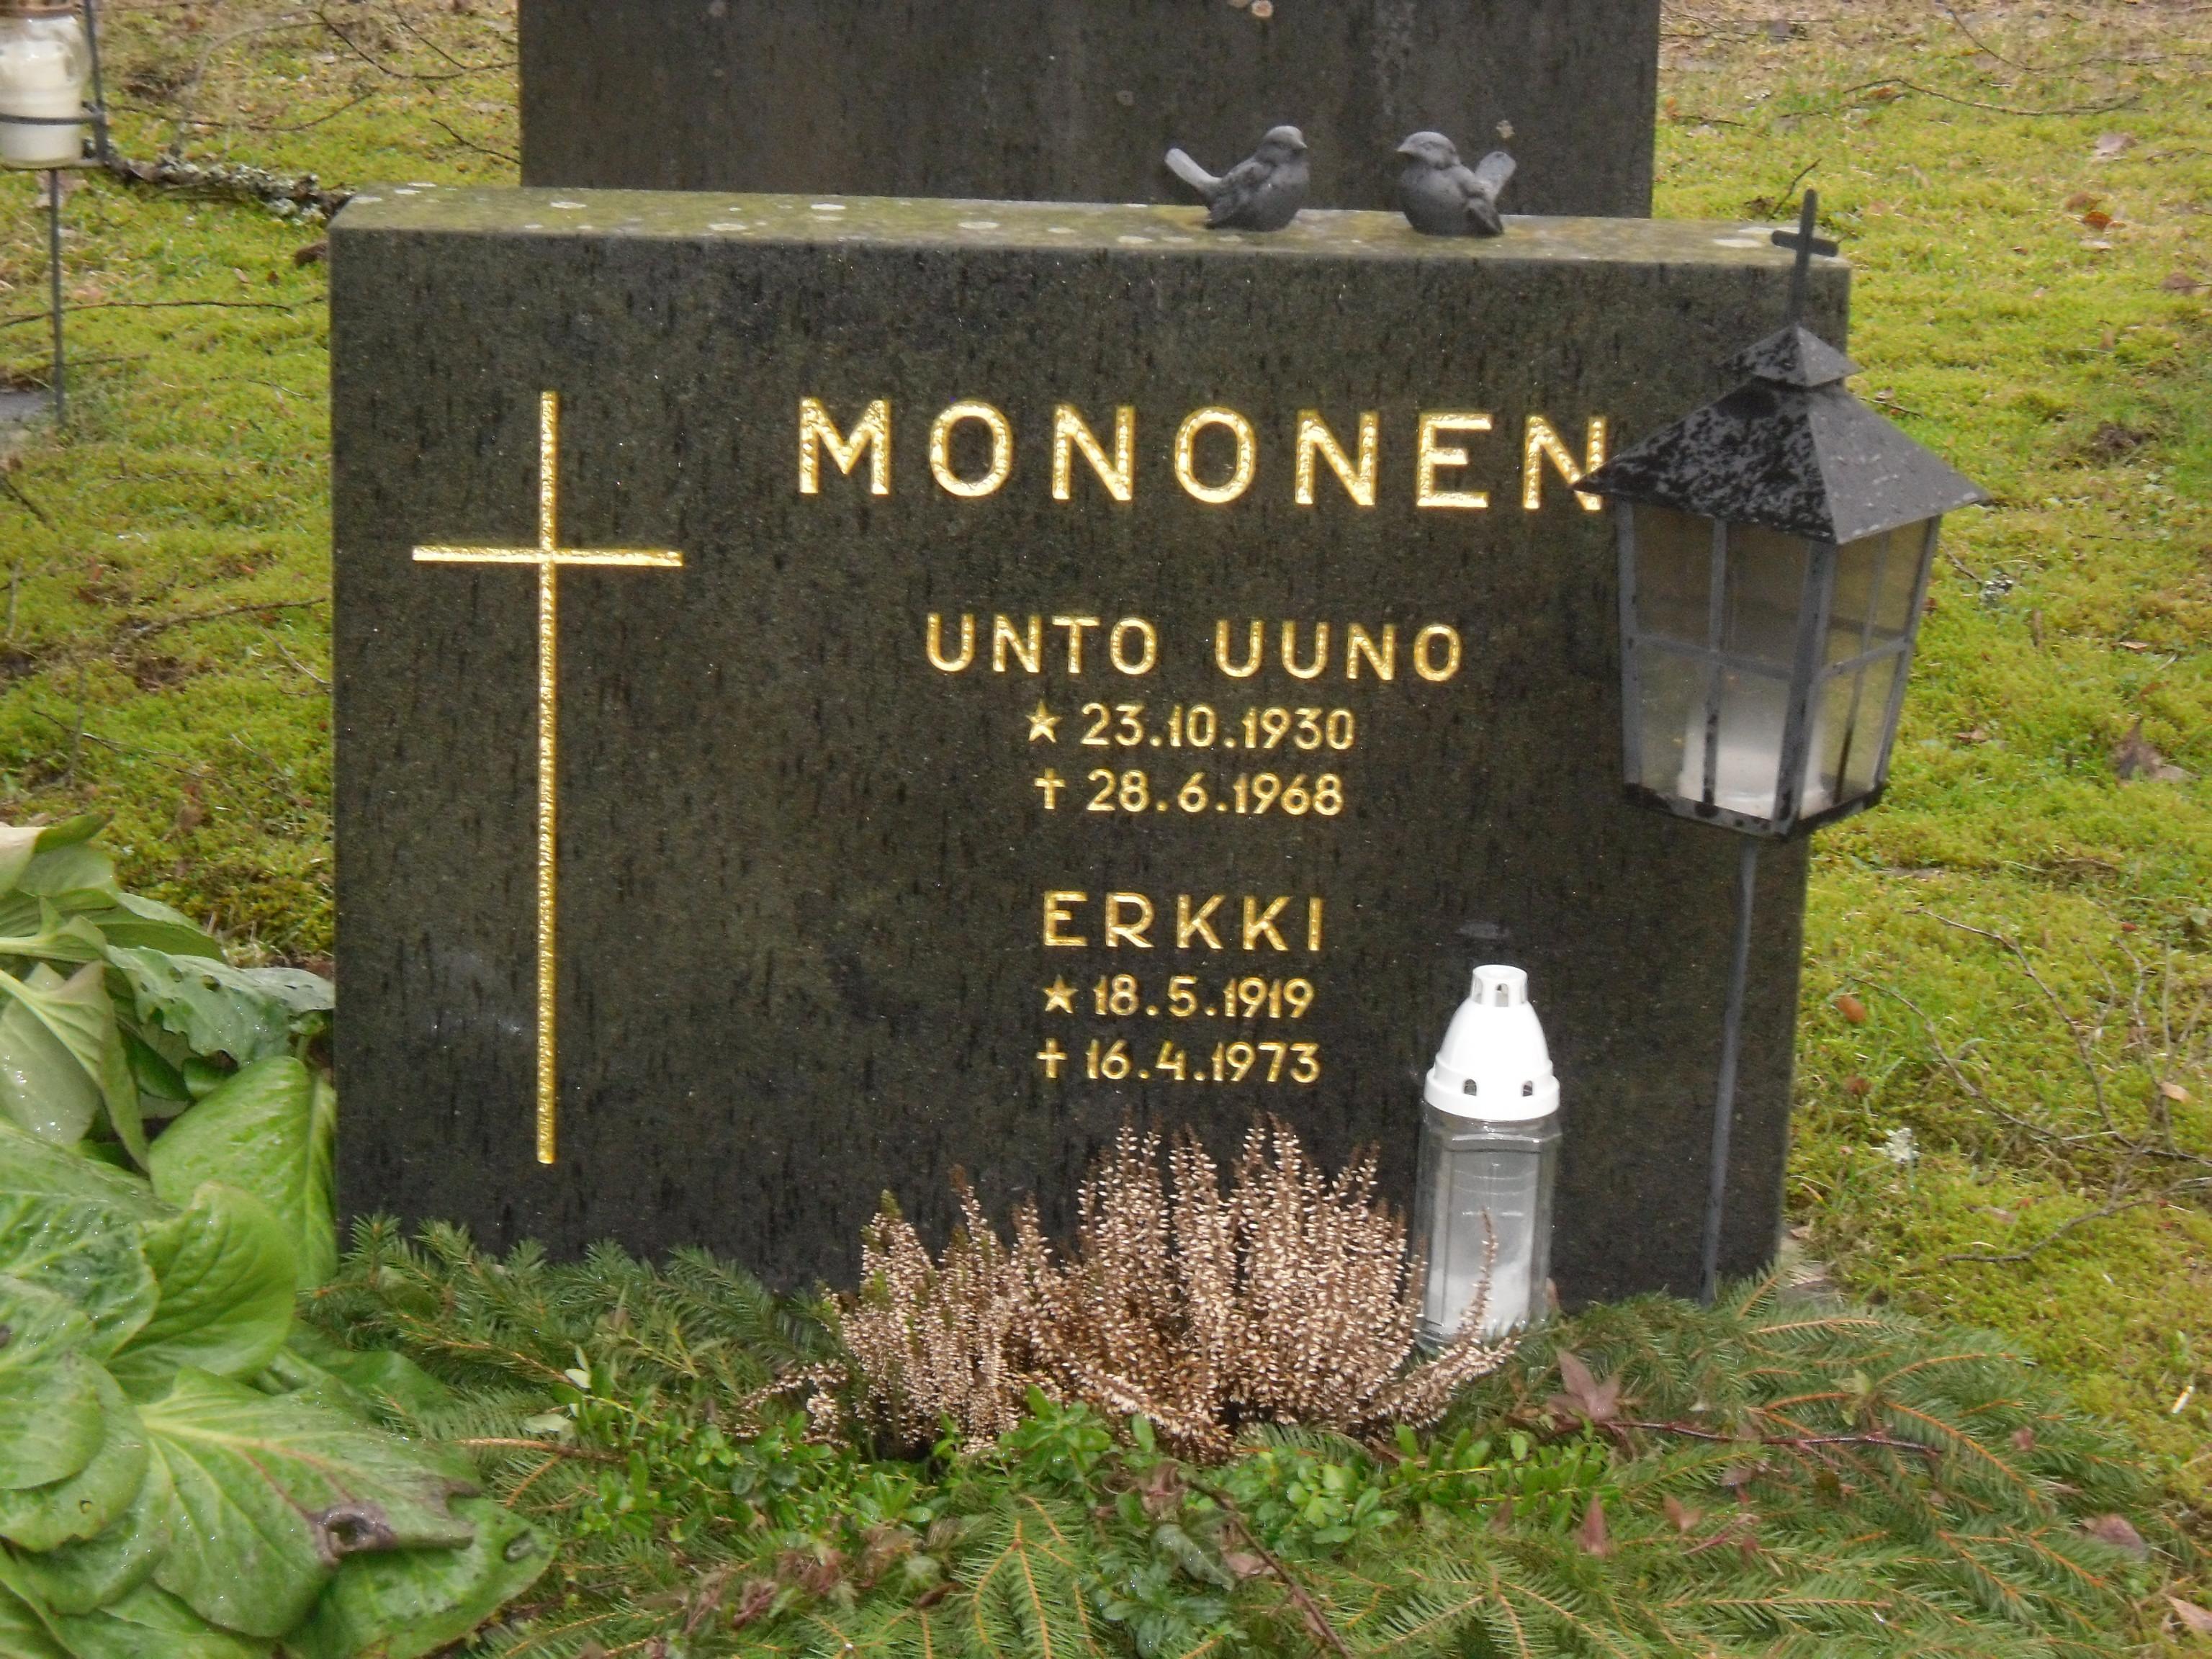 Unto Monosen hauta. EskoG-67, CC BY-SA 4.0 via Wikimedia Commons